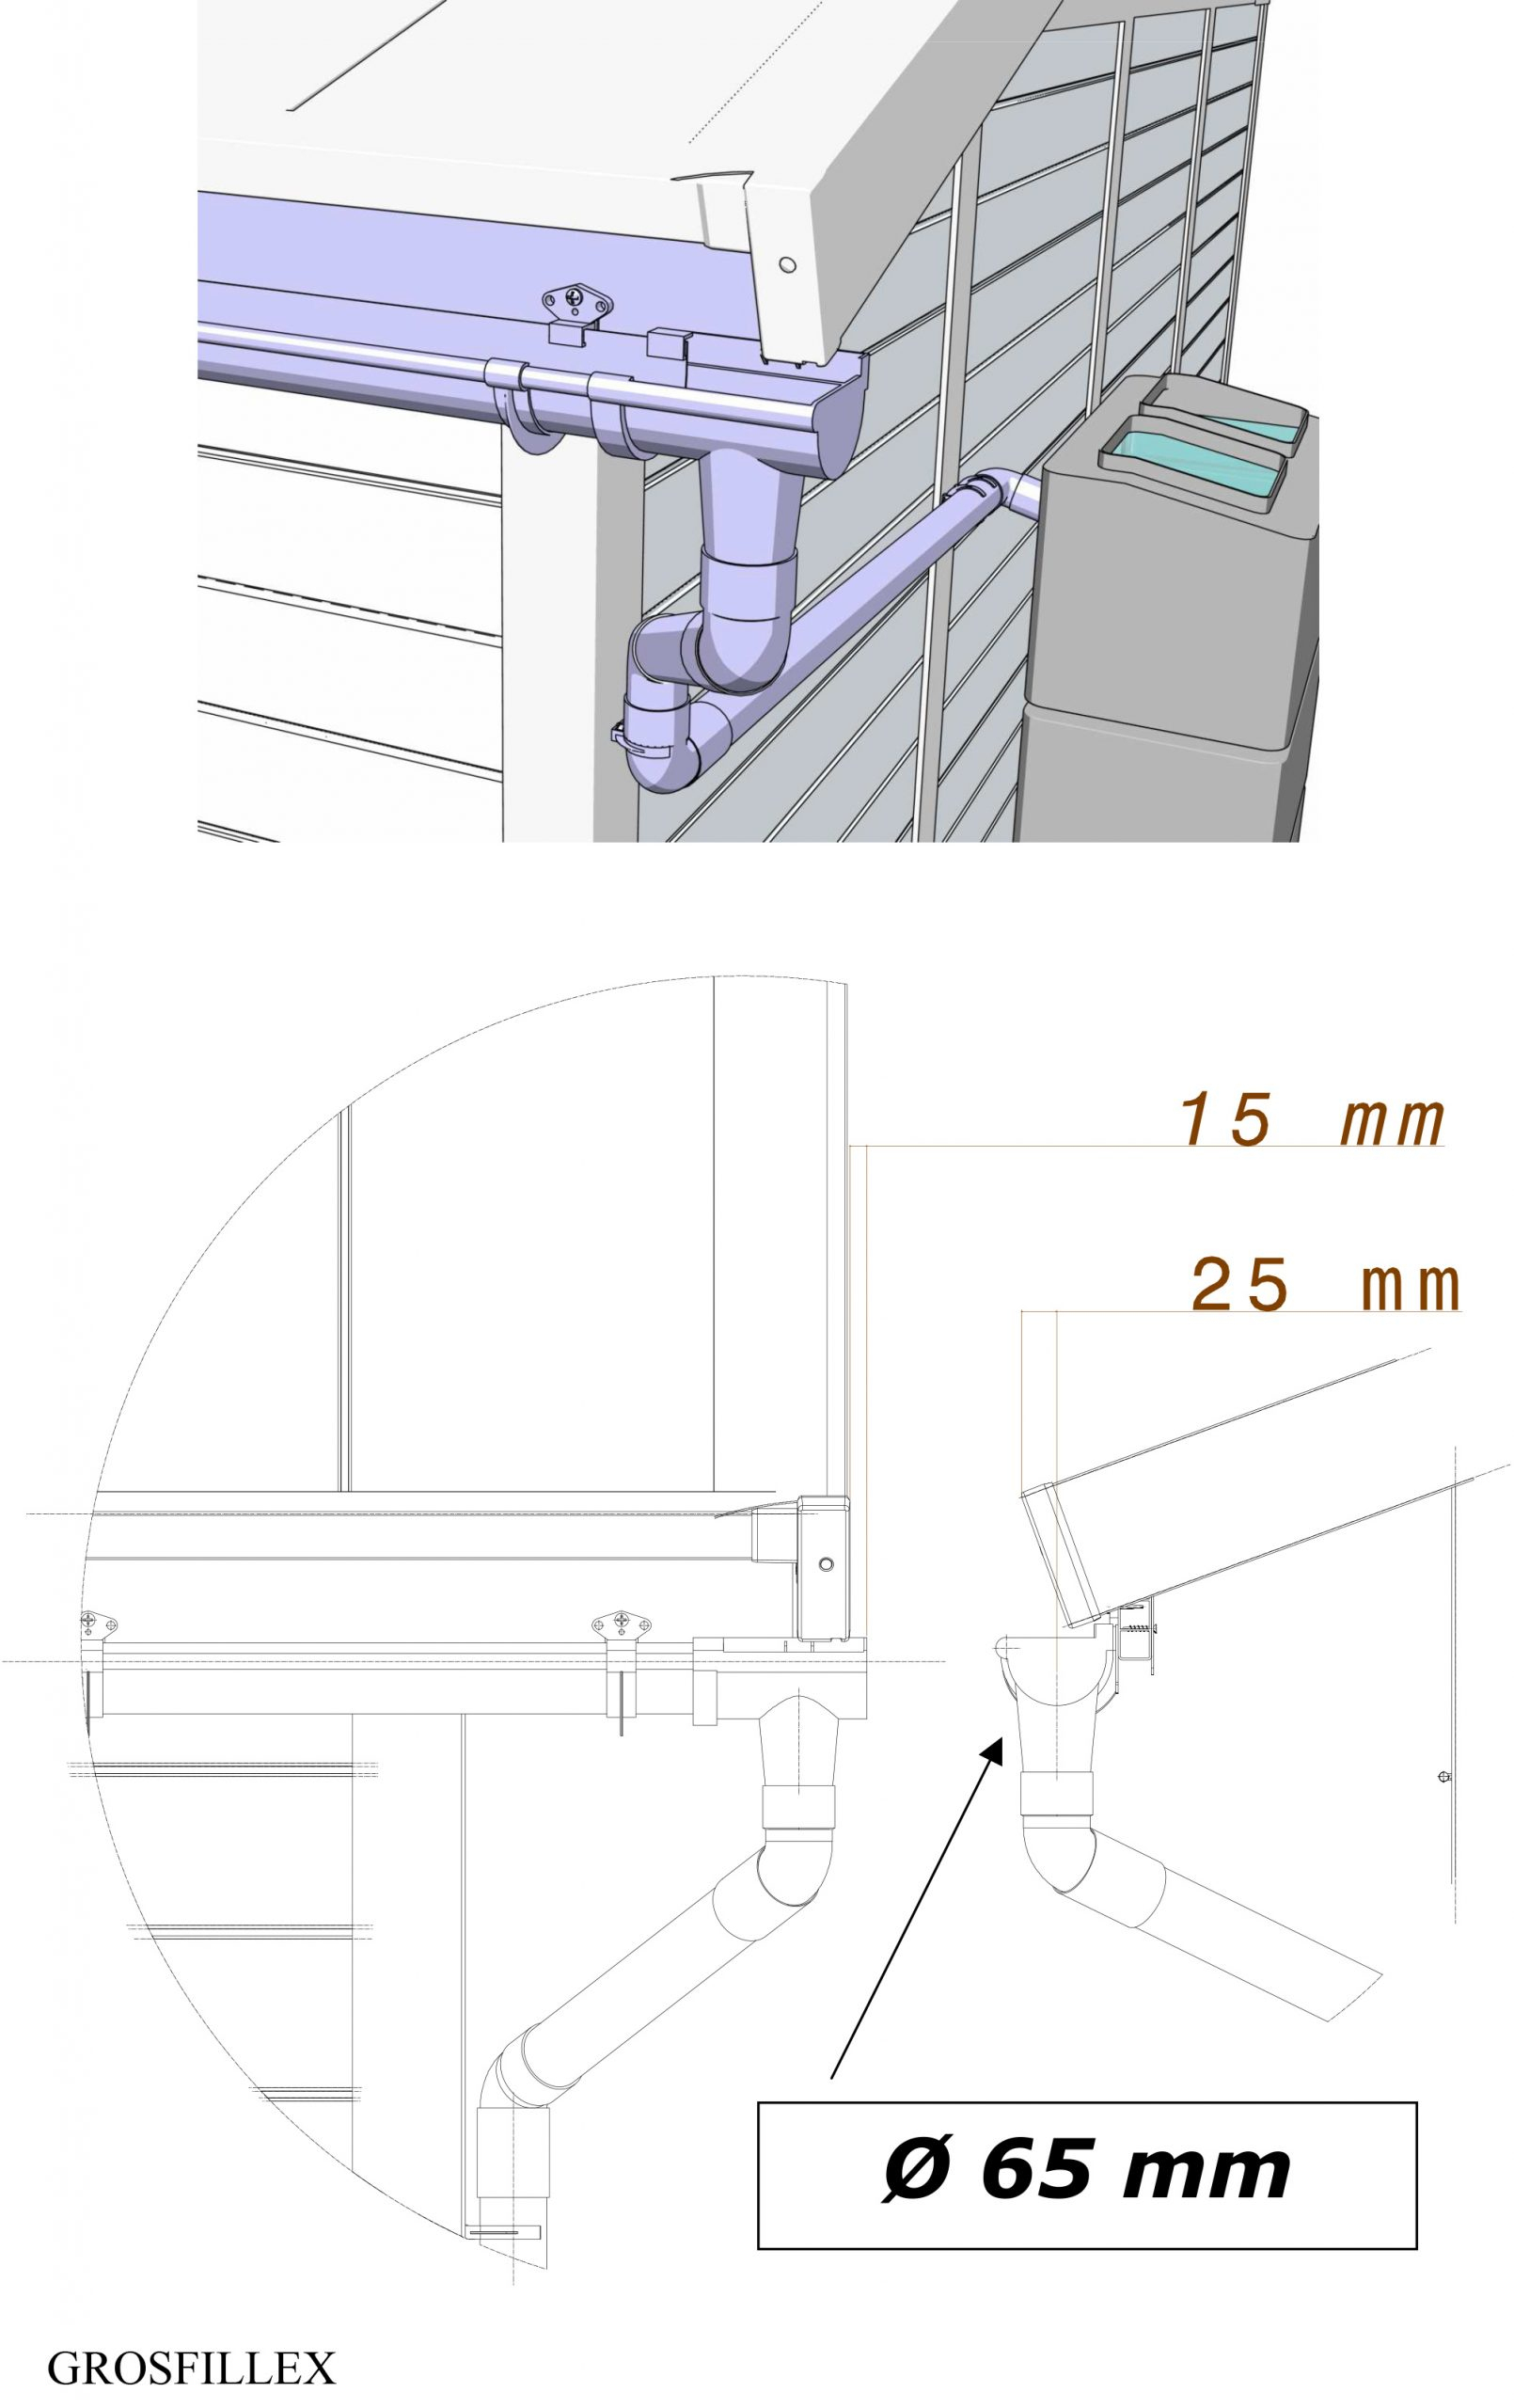 Gouttière Pour Abri De Jardin - Idees Conception Jardin concernant Gouttiere Abri De Jardin